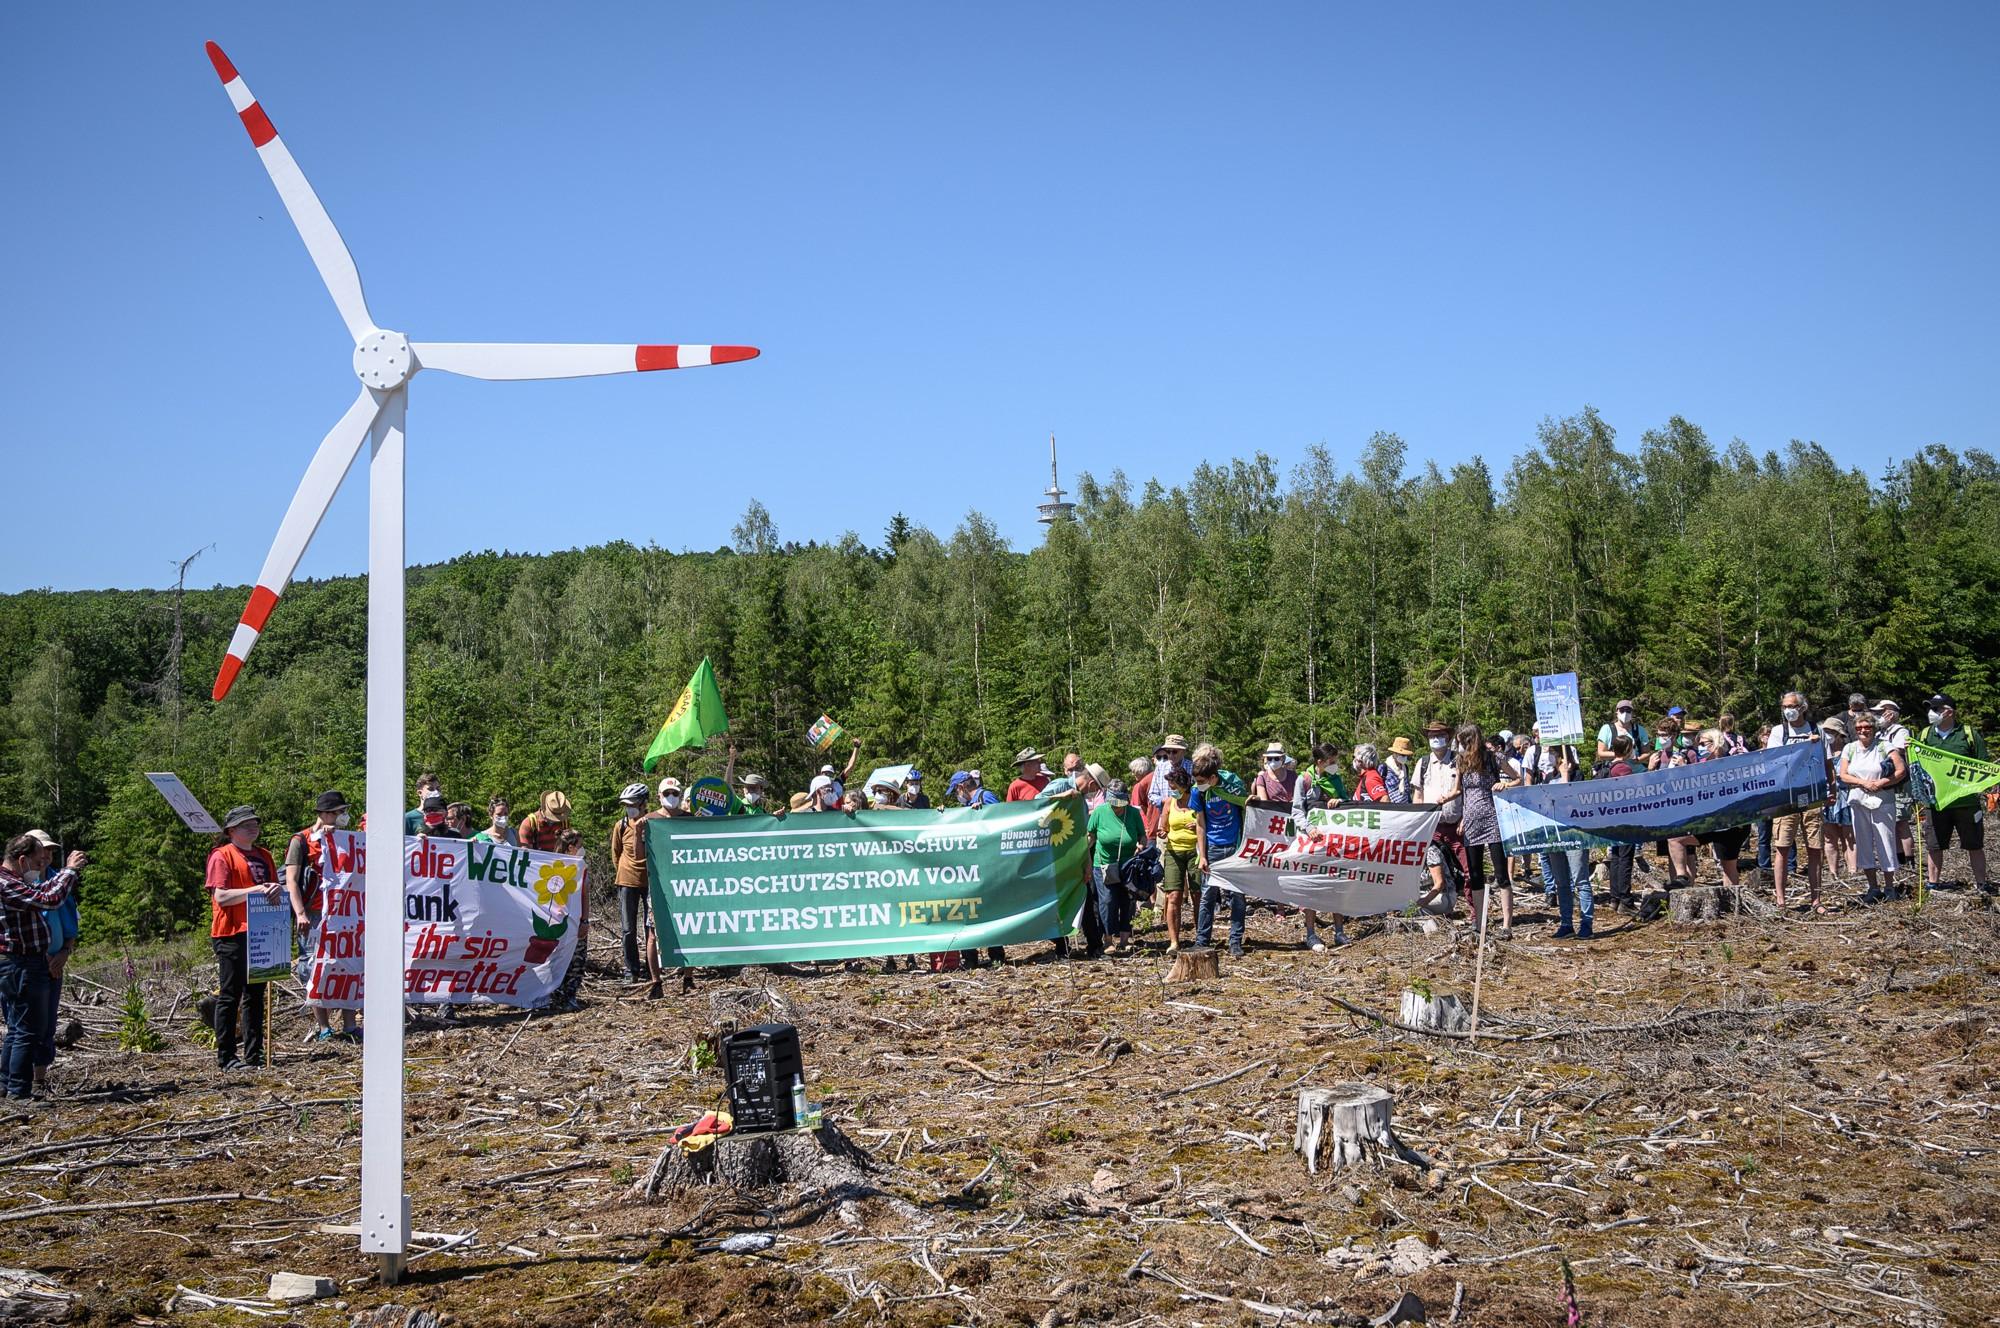 Das erste Windrad steht auf dem Mainzer Kopf, jedoch die Teilnehmenden wollen mehr.